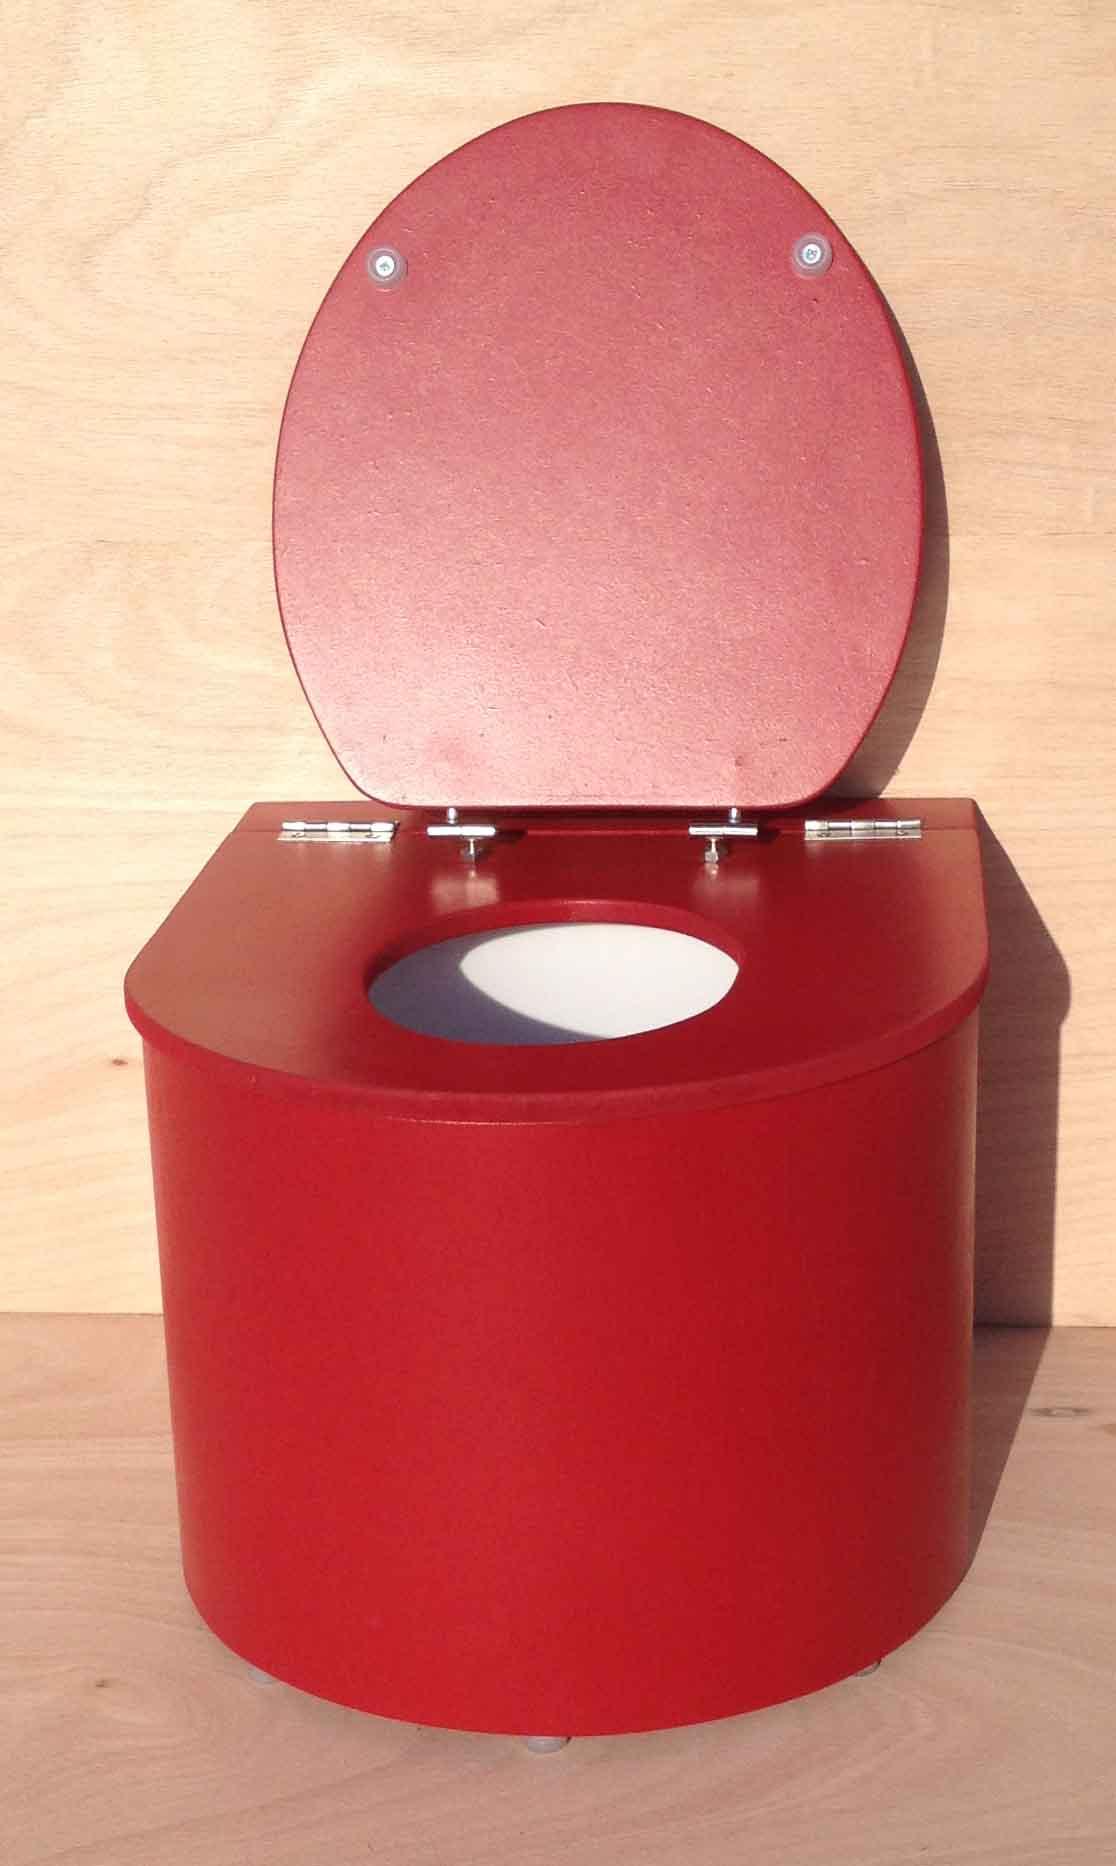 Toilette Sèche Pour Bébé | Fabulous Toilettes intérieur Toilette Seche Reglementation